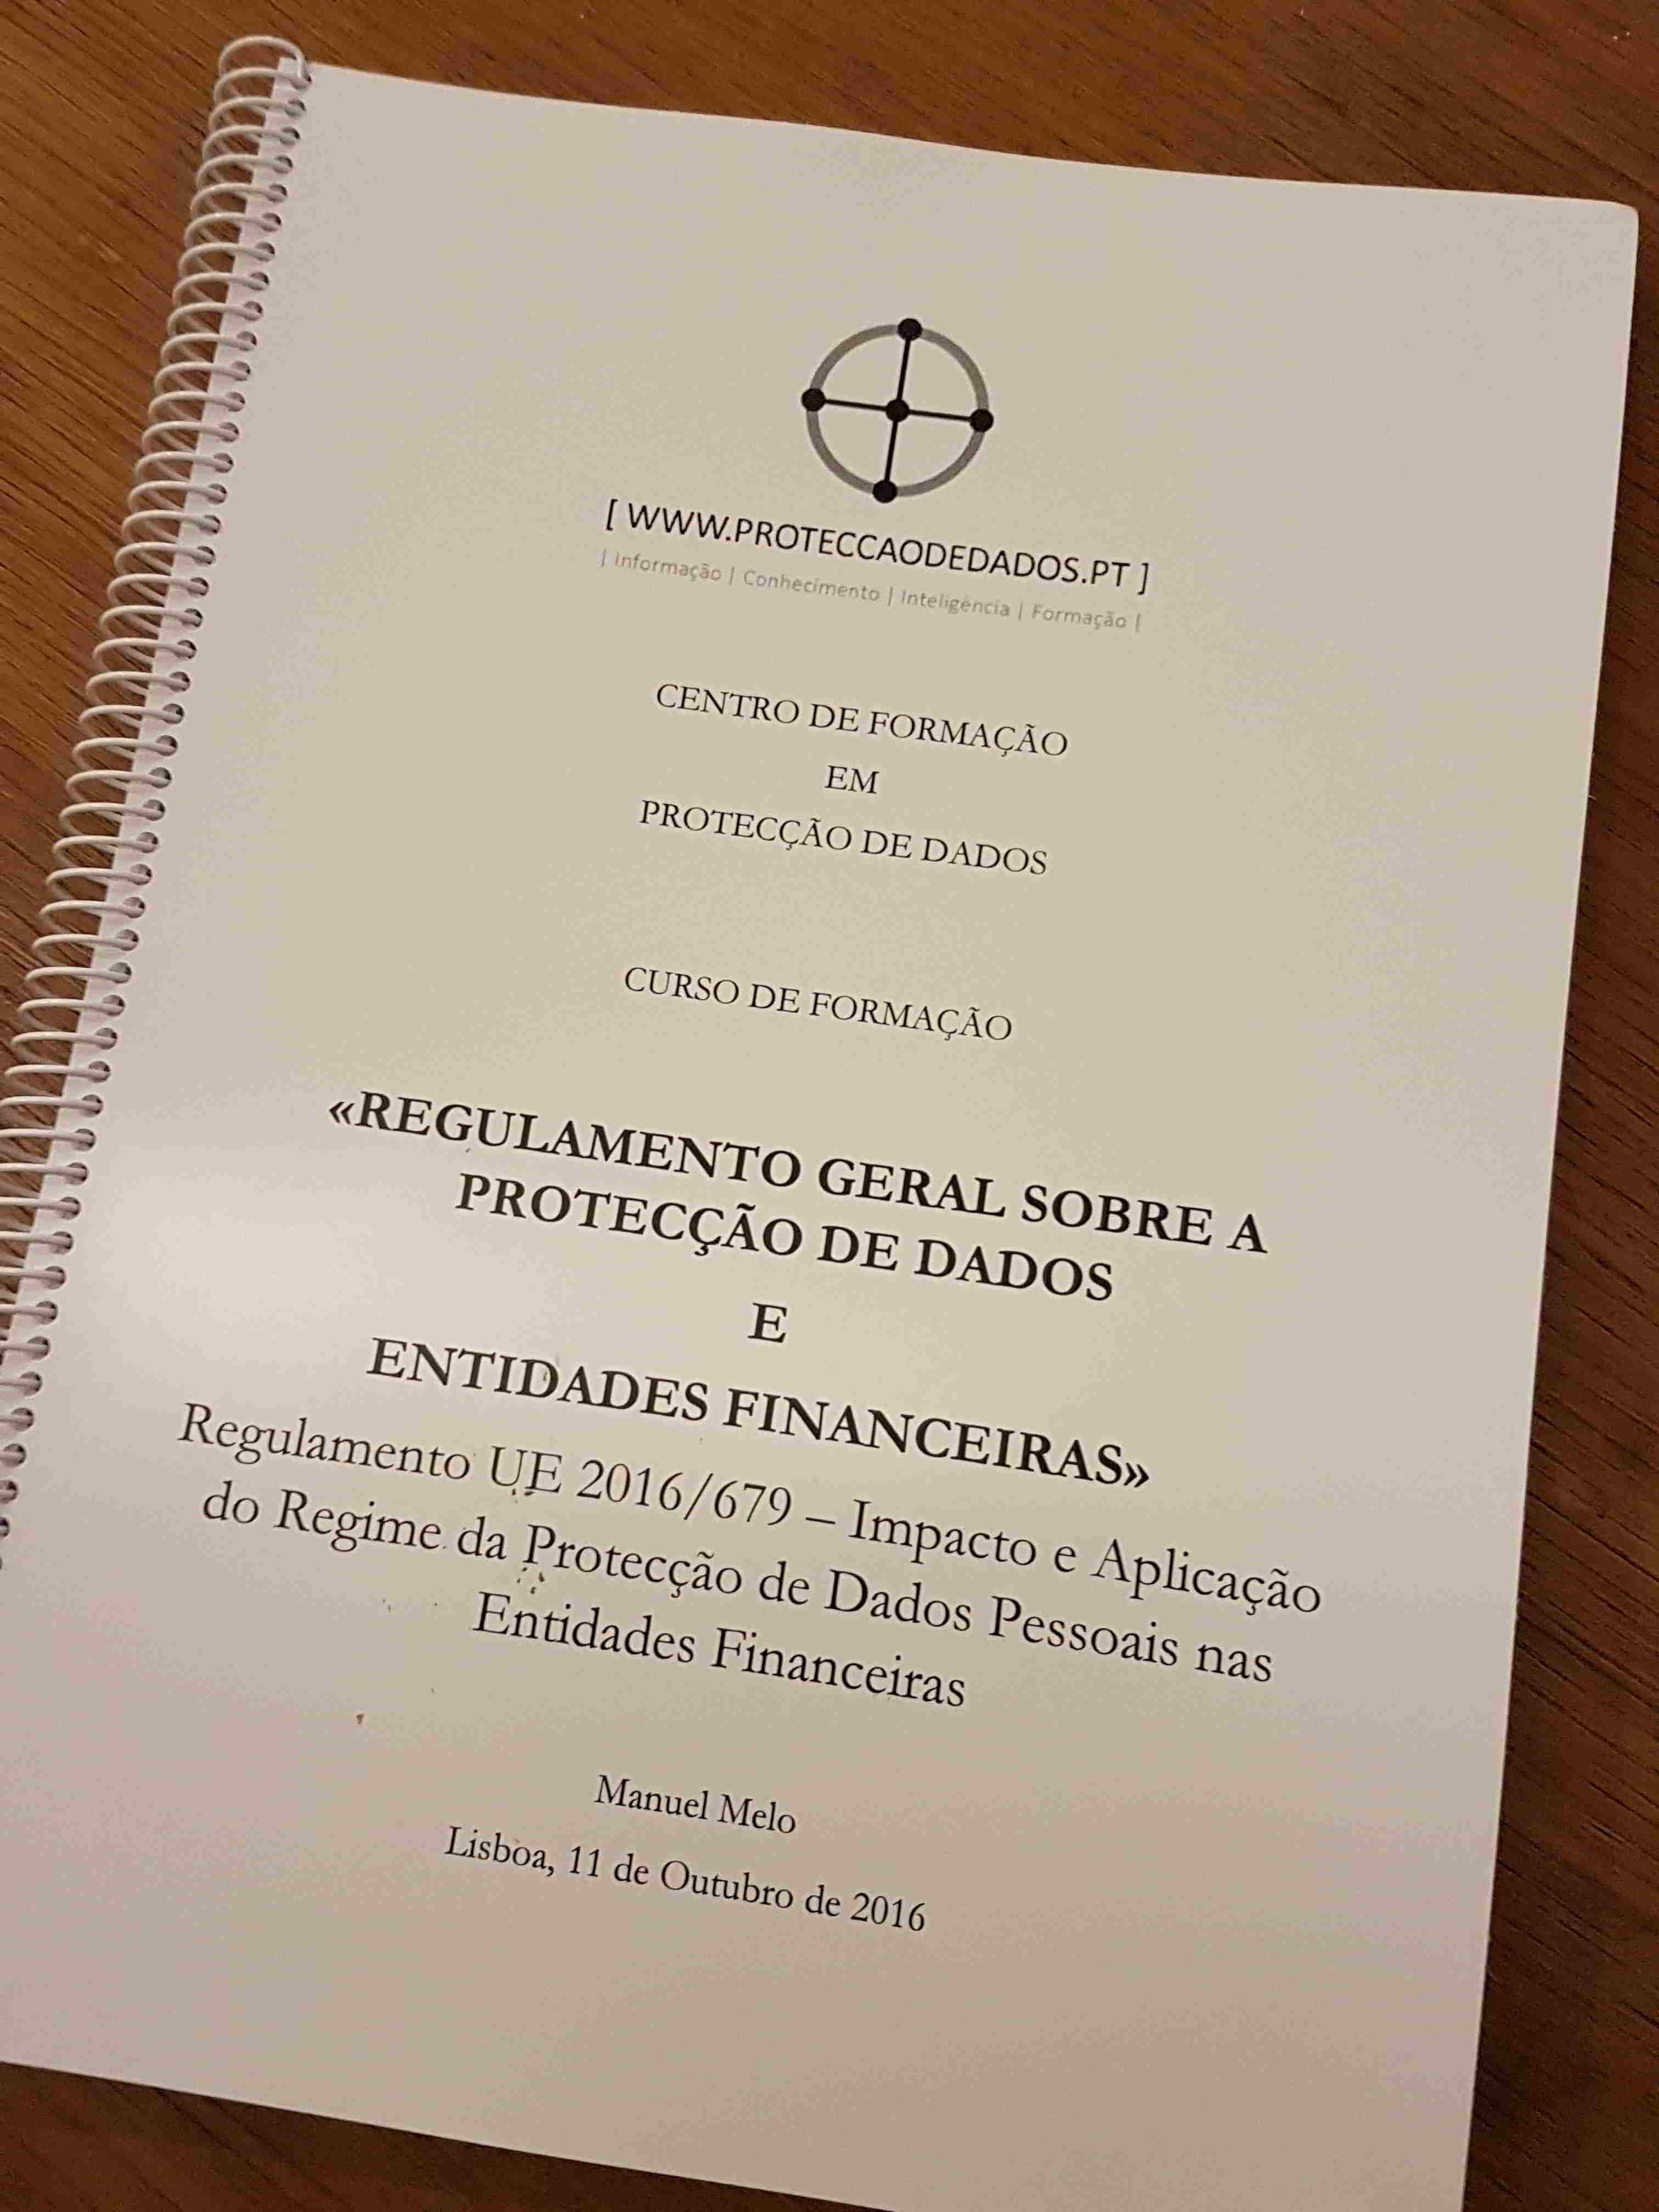 Manual do Curso «Regulamento Geral sobre a Protecção de Dados Pessoais nos Serviços Financeiros e nos Seguros»